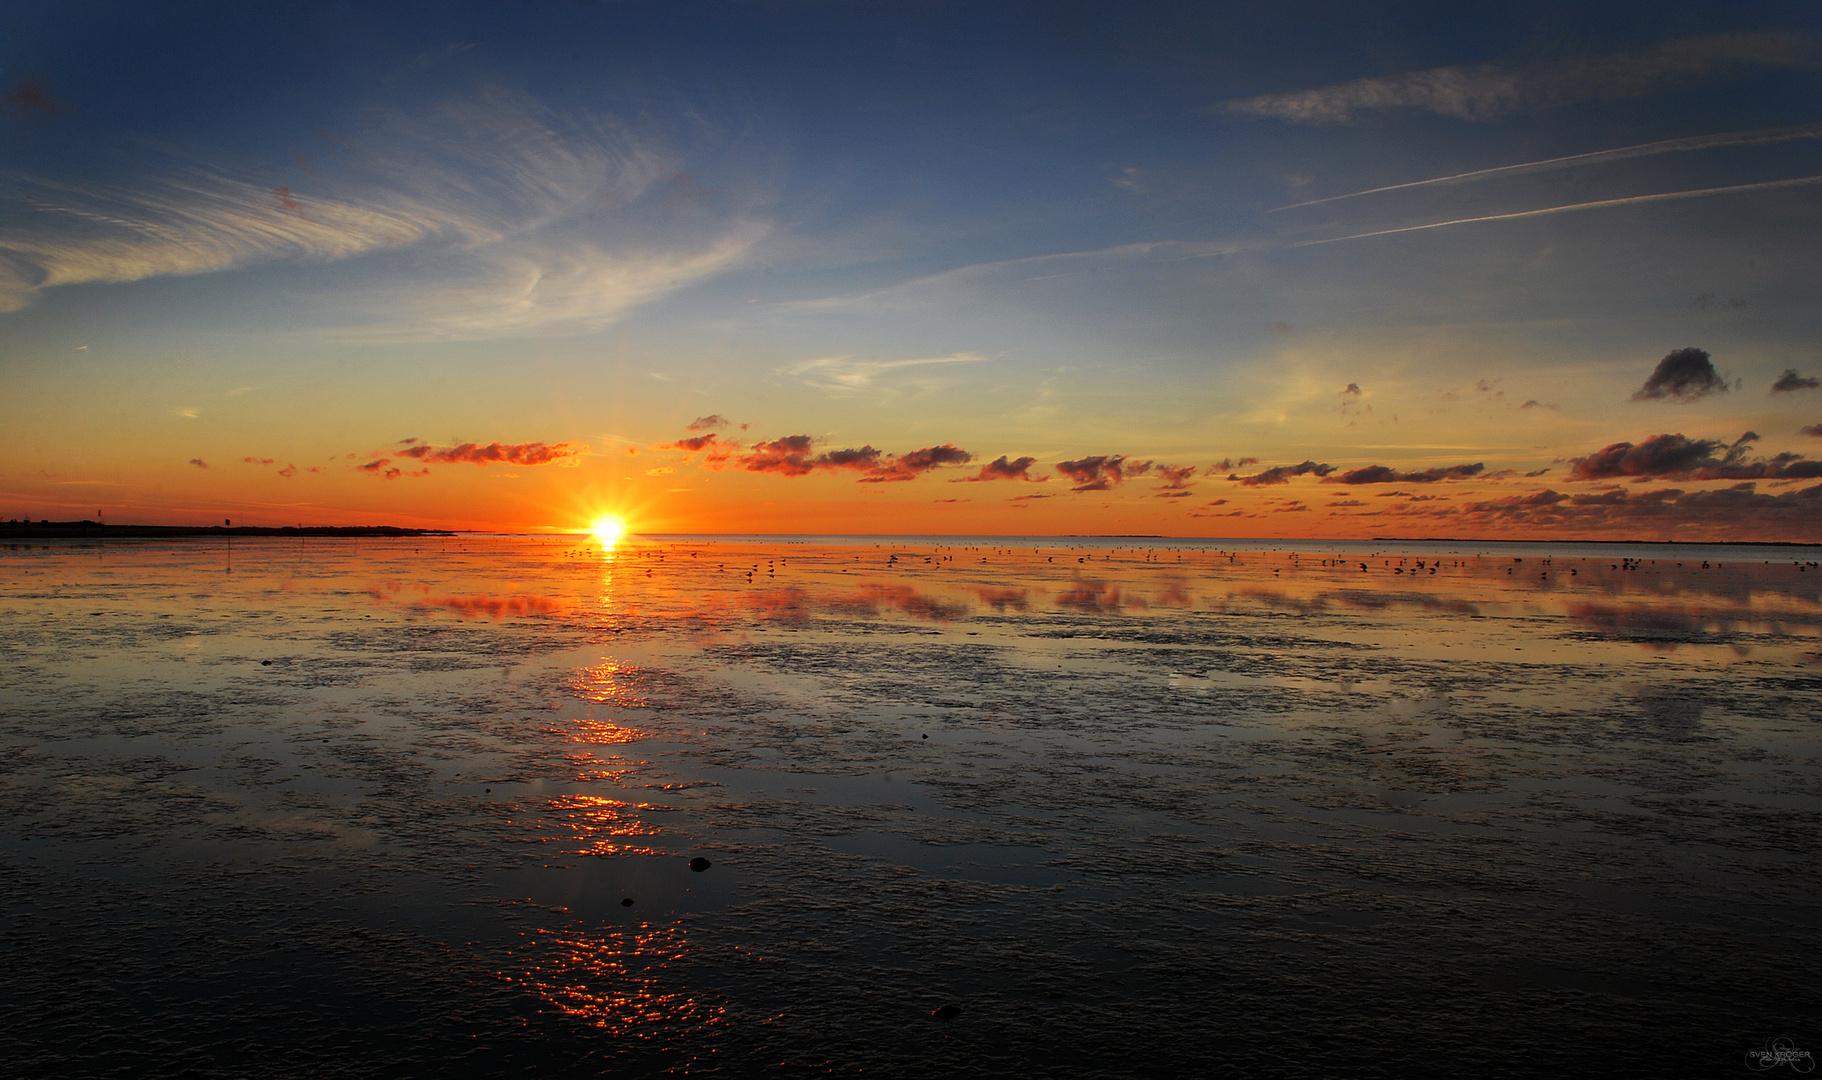 Sonnenuntergang im Wattenmeer bei Harlesiel